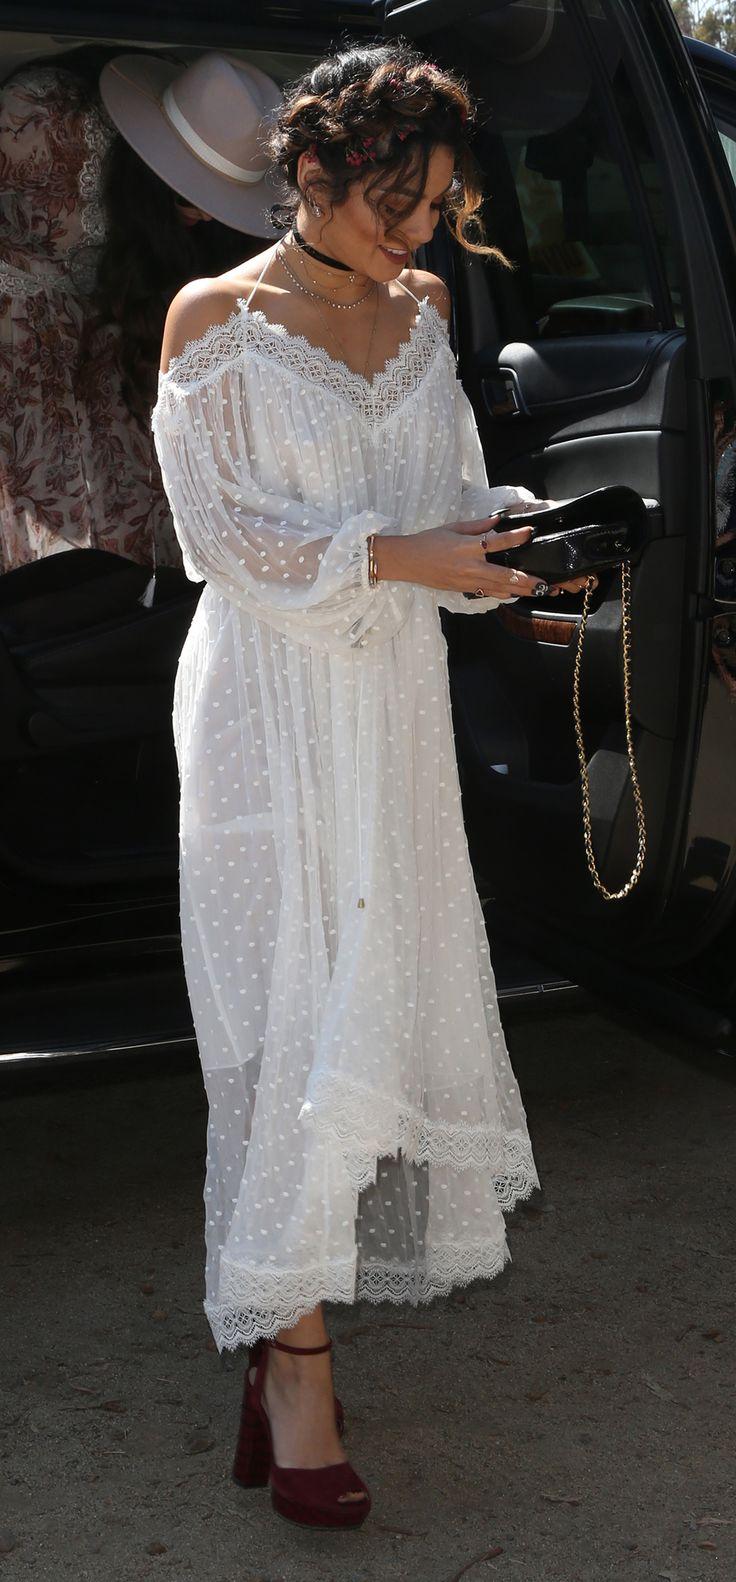 Just look at this casual style with a tone of elegance created by Vanessa Hudgens - sólo miremos este estilo de casual con un tono de elegancia creado por Vanessa Hudgens